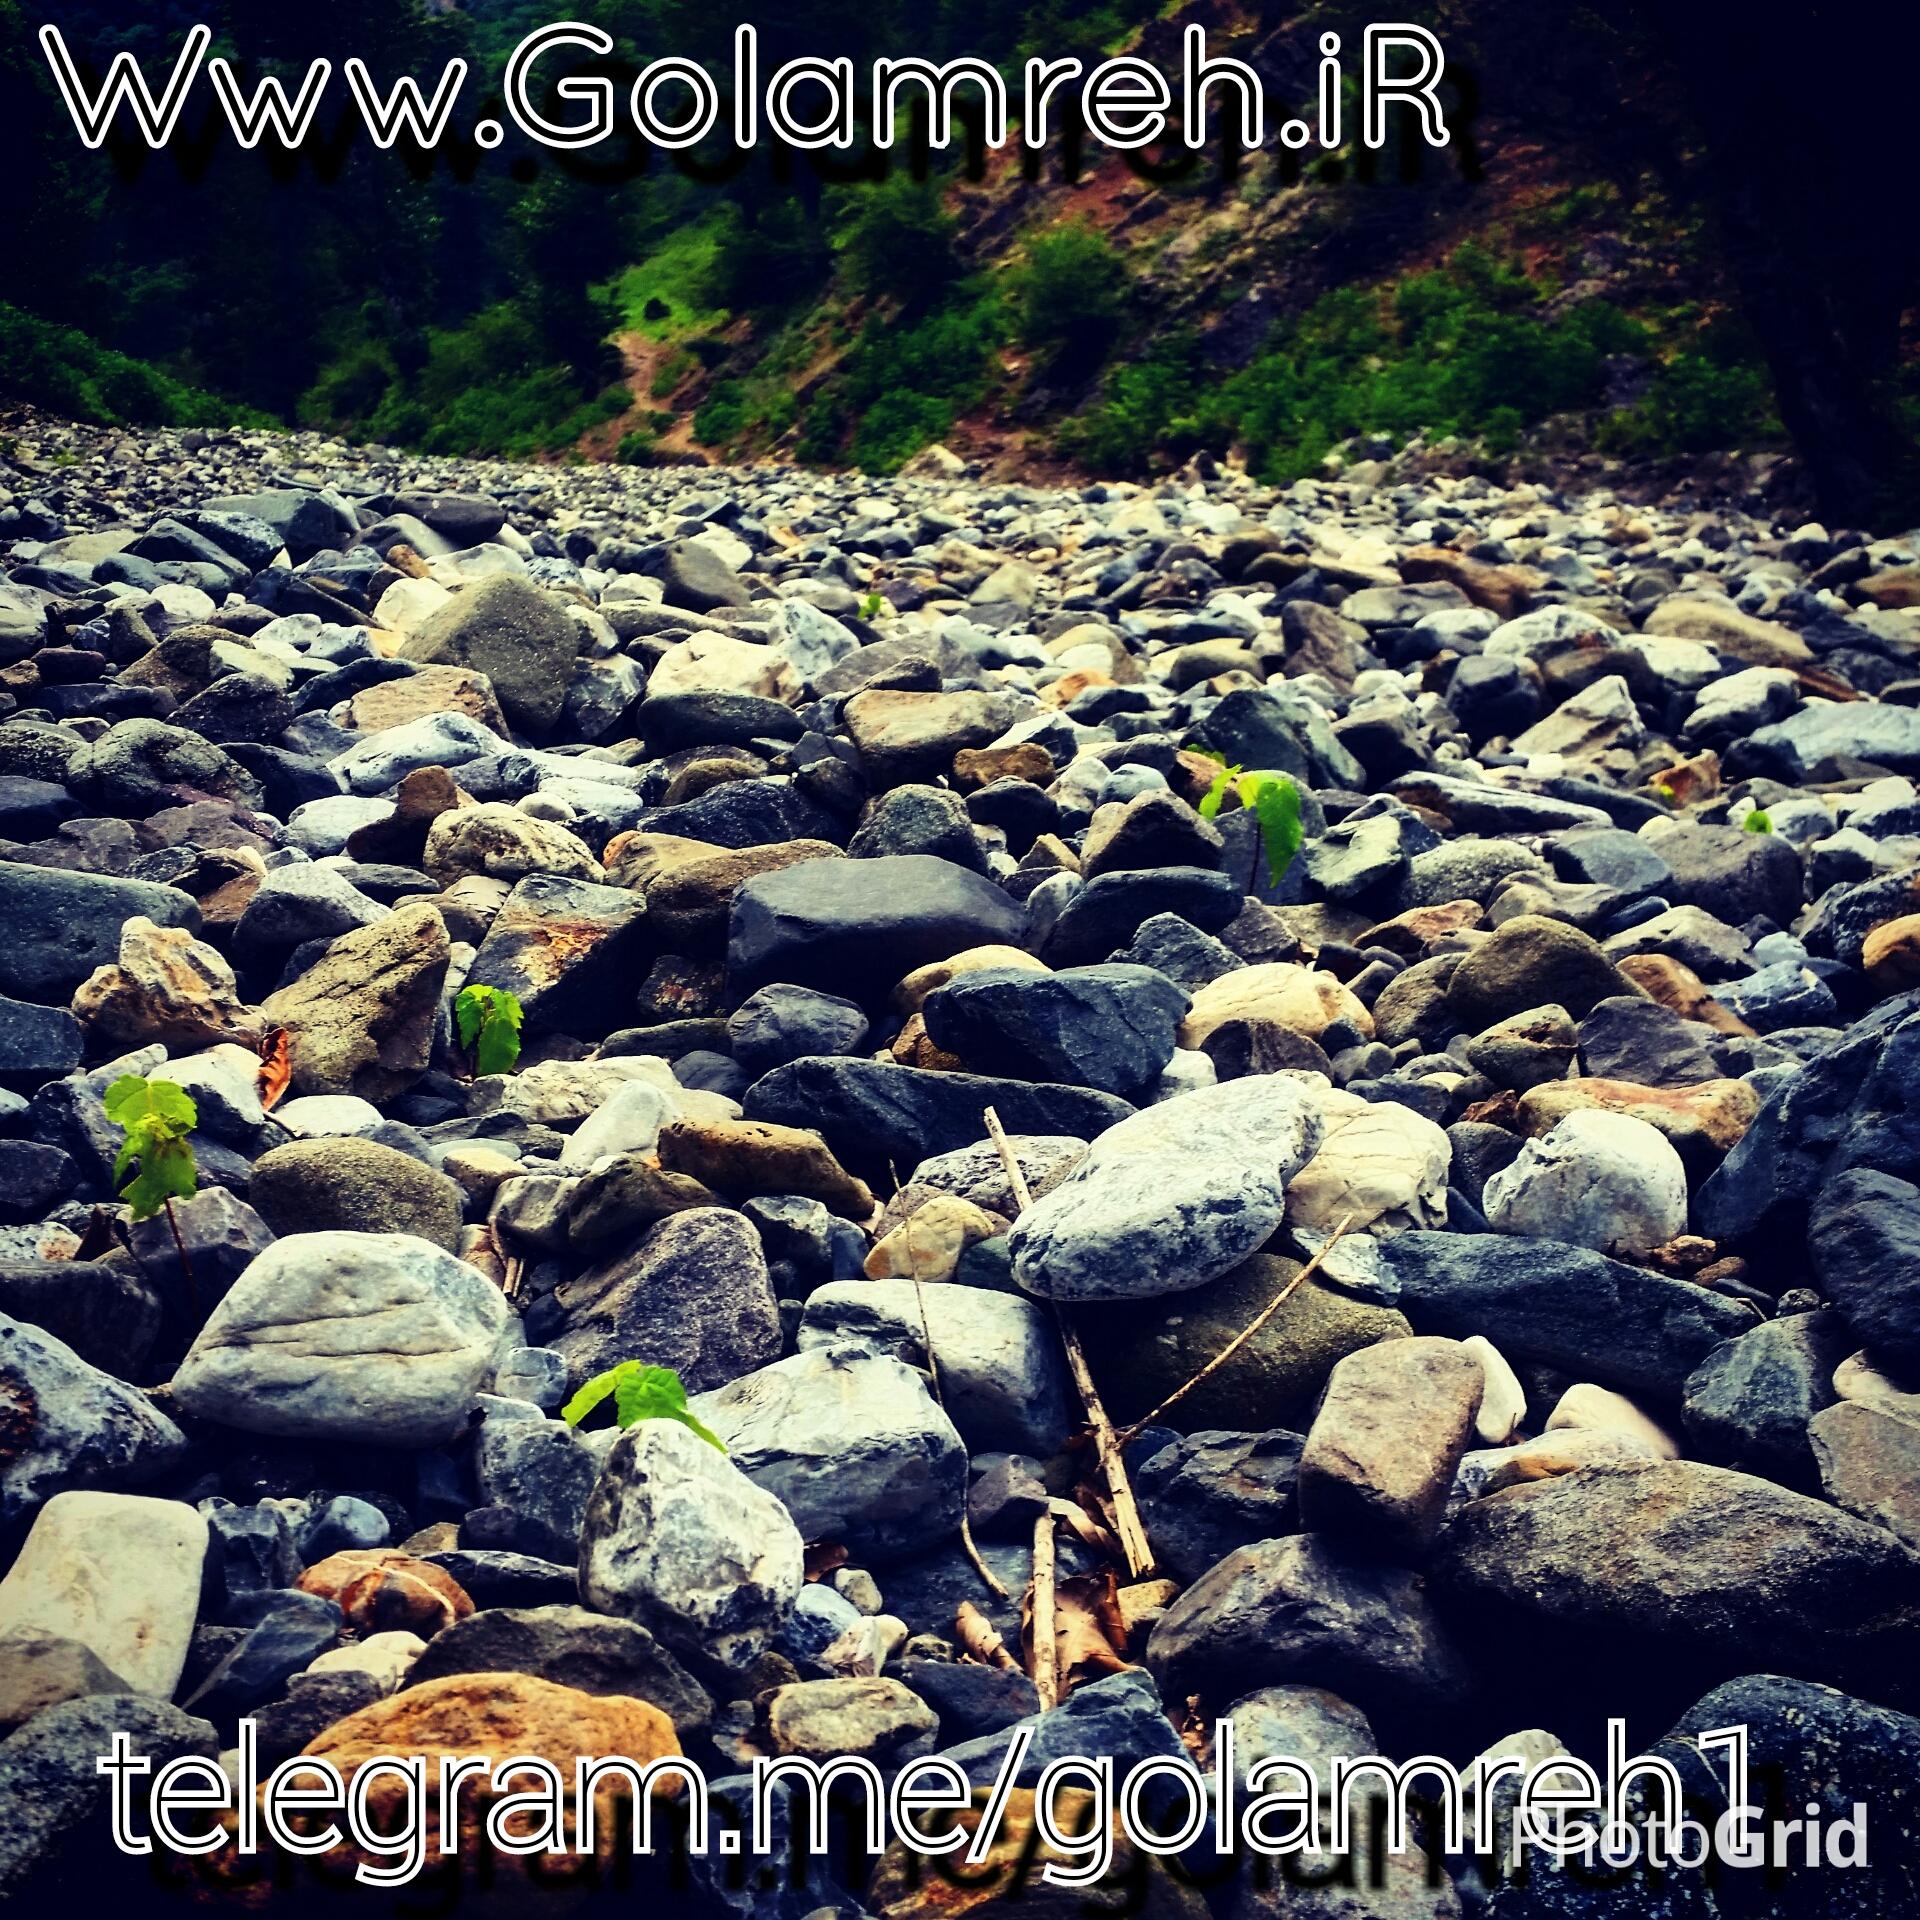 رودخانه ی گلامره در خطر نابودی است.